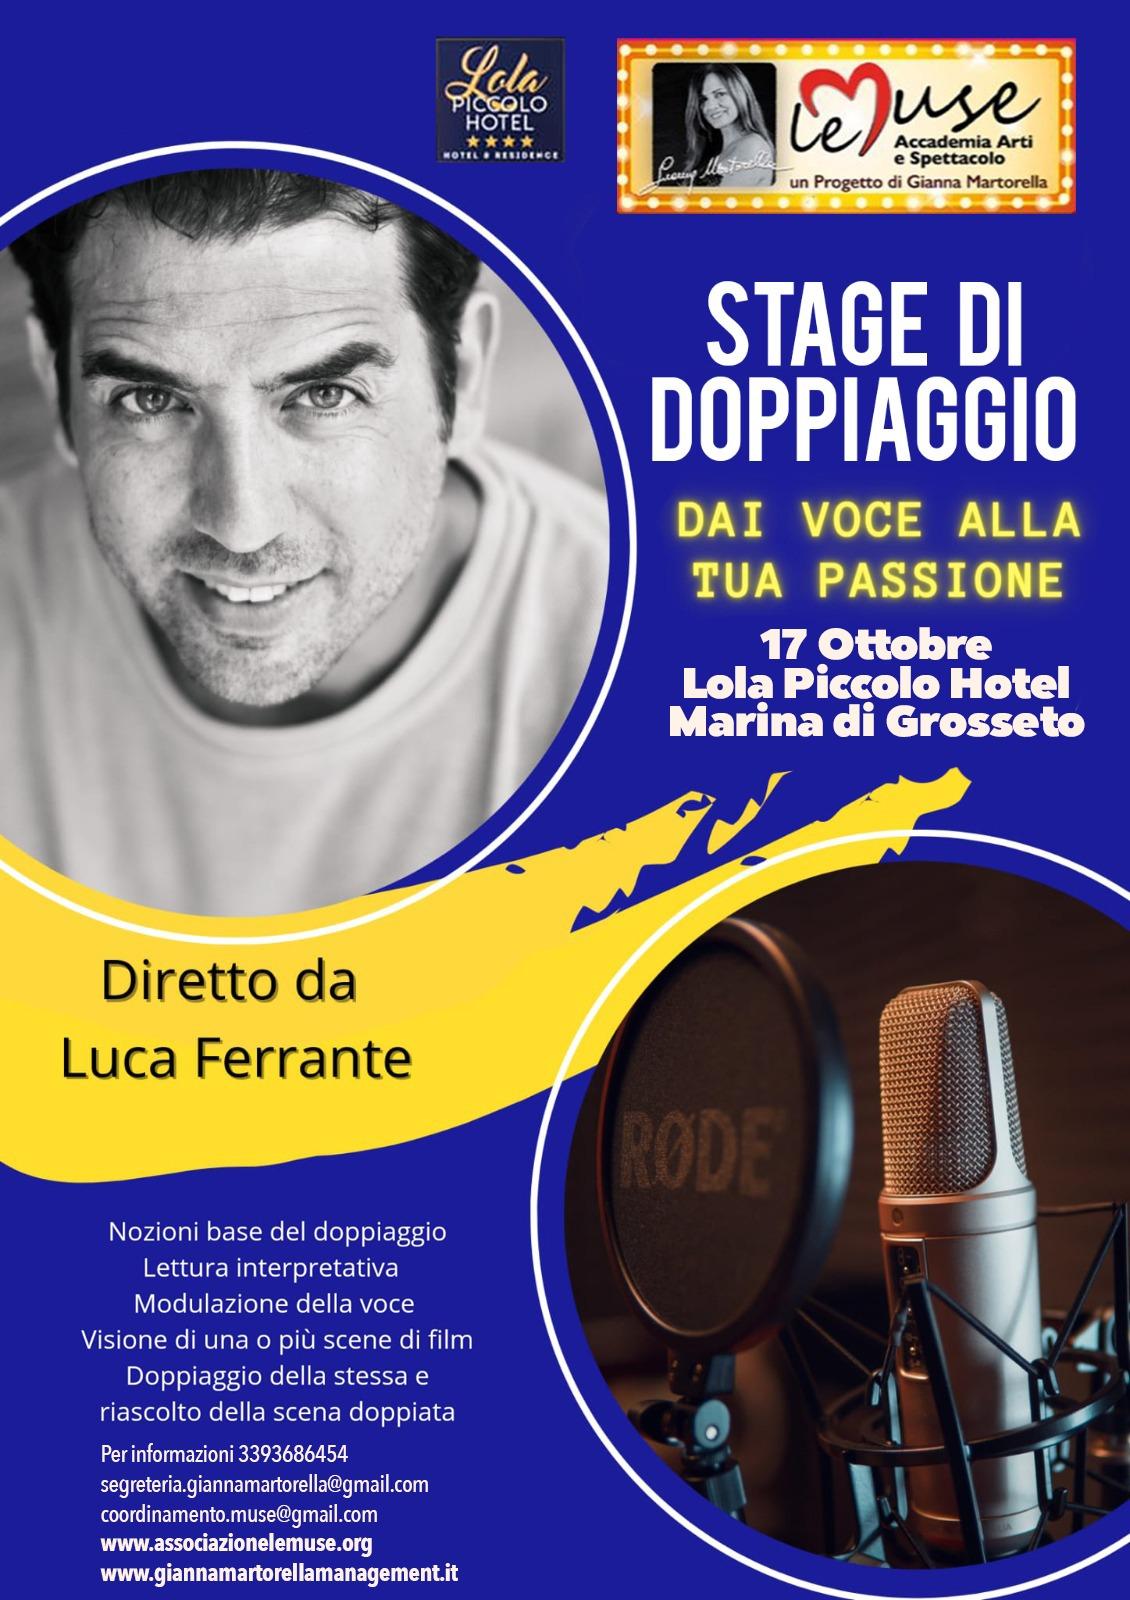 17 ottobre 2021 Stage di doppiaggio con Luca Ferrante